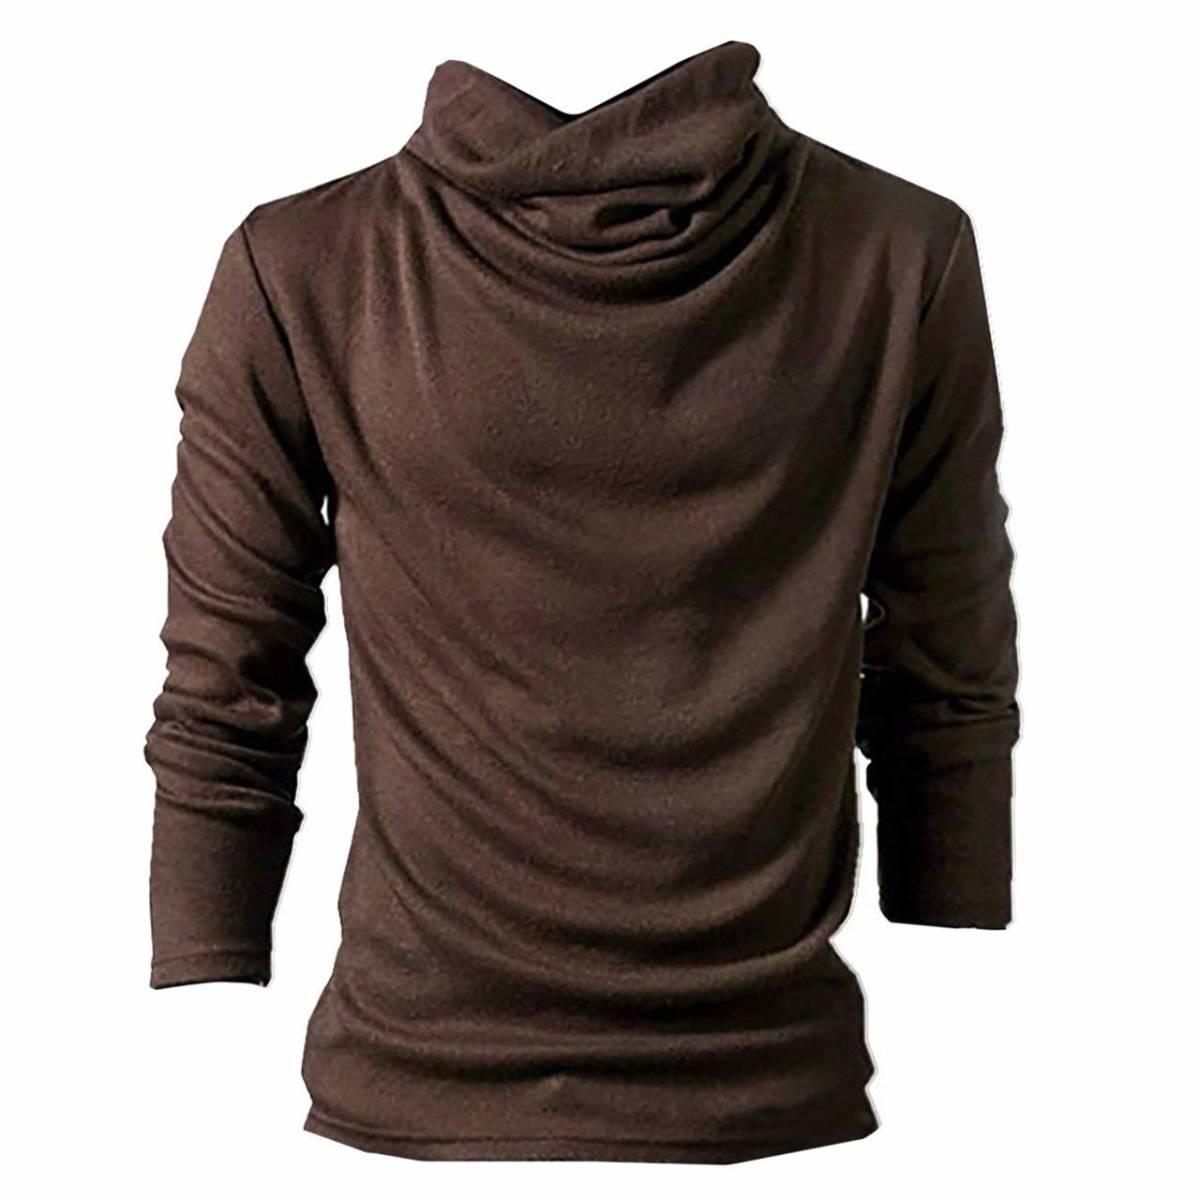 アフガン タートルネック Lサイズ 長袖 カットソー ブラウン ロング Tシャツ メンズ